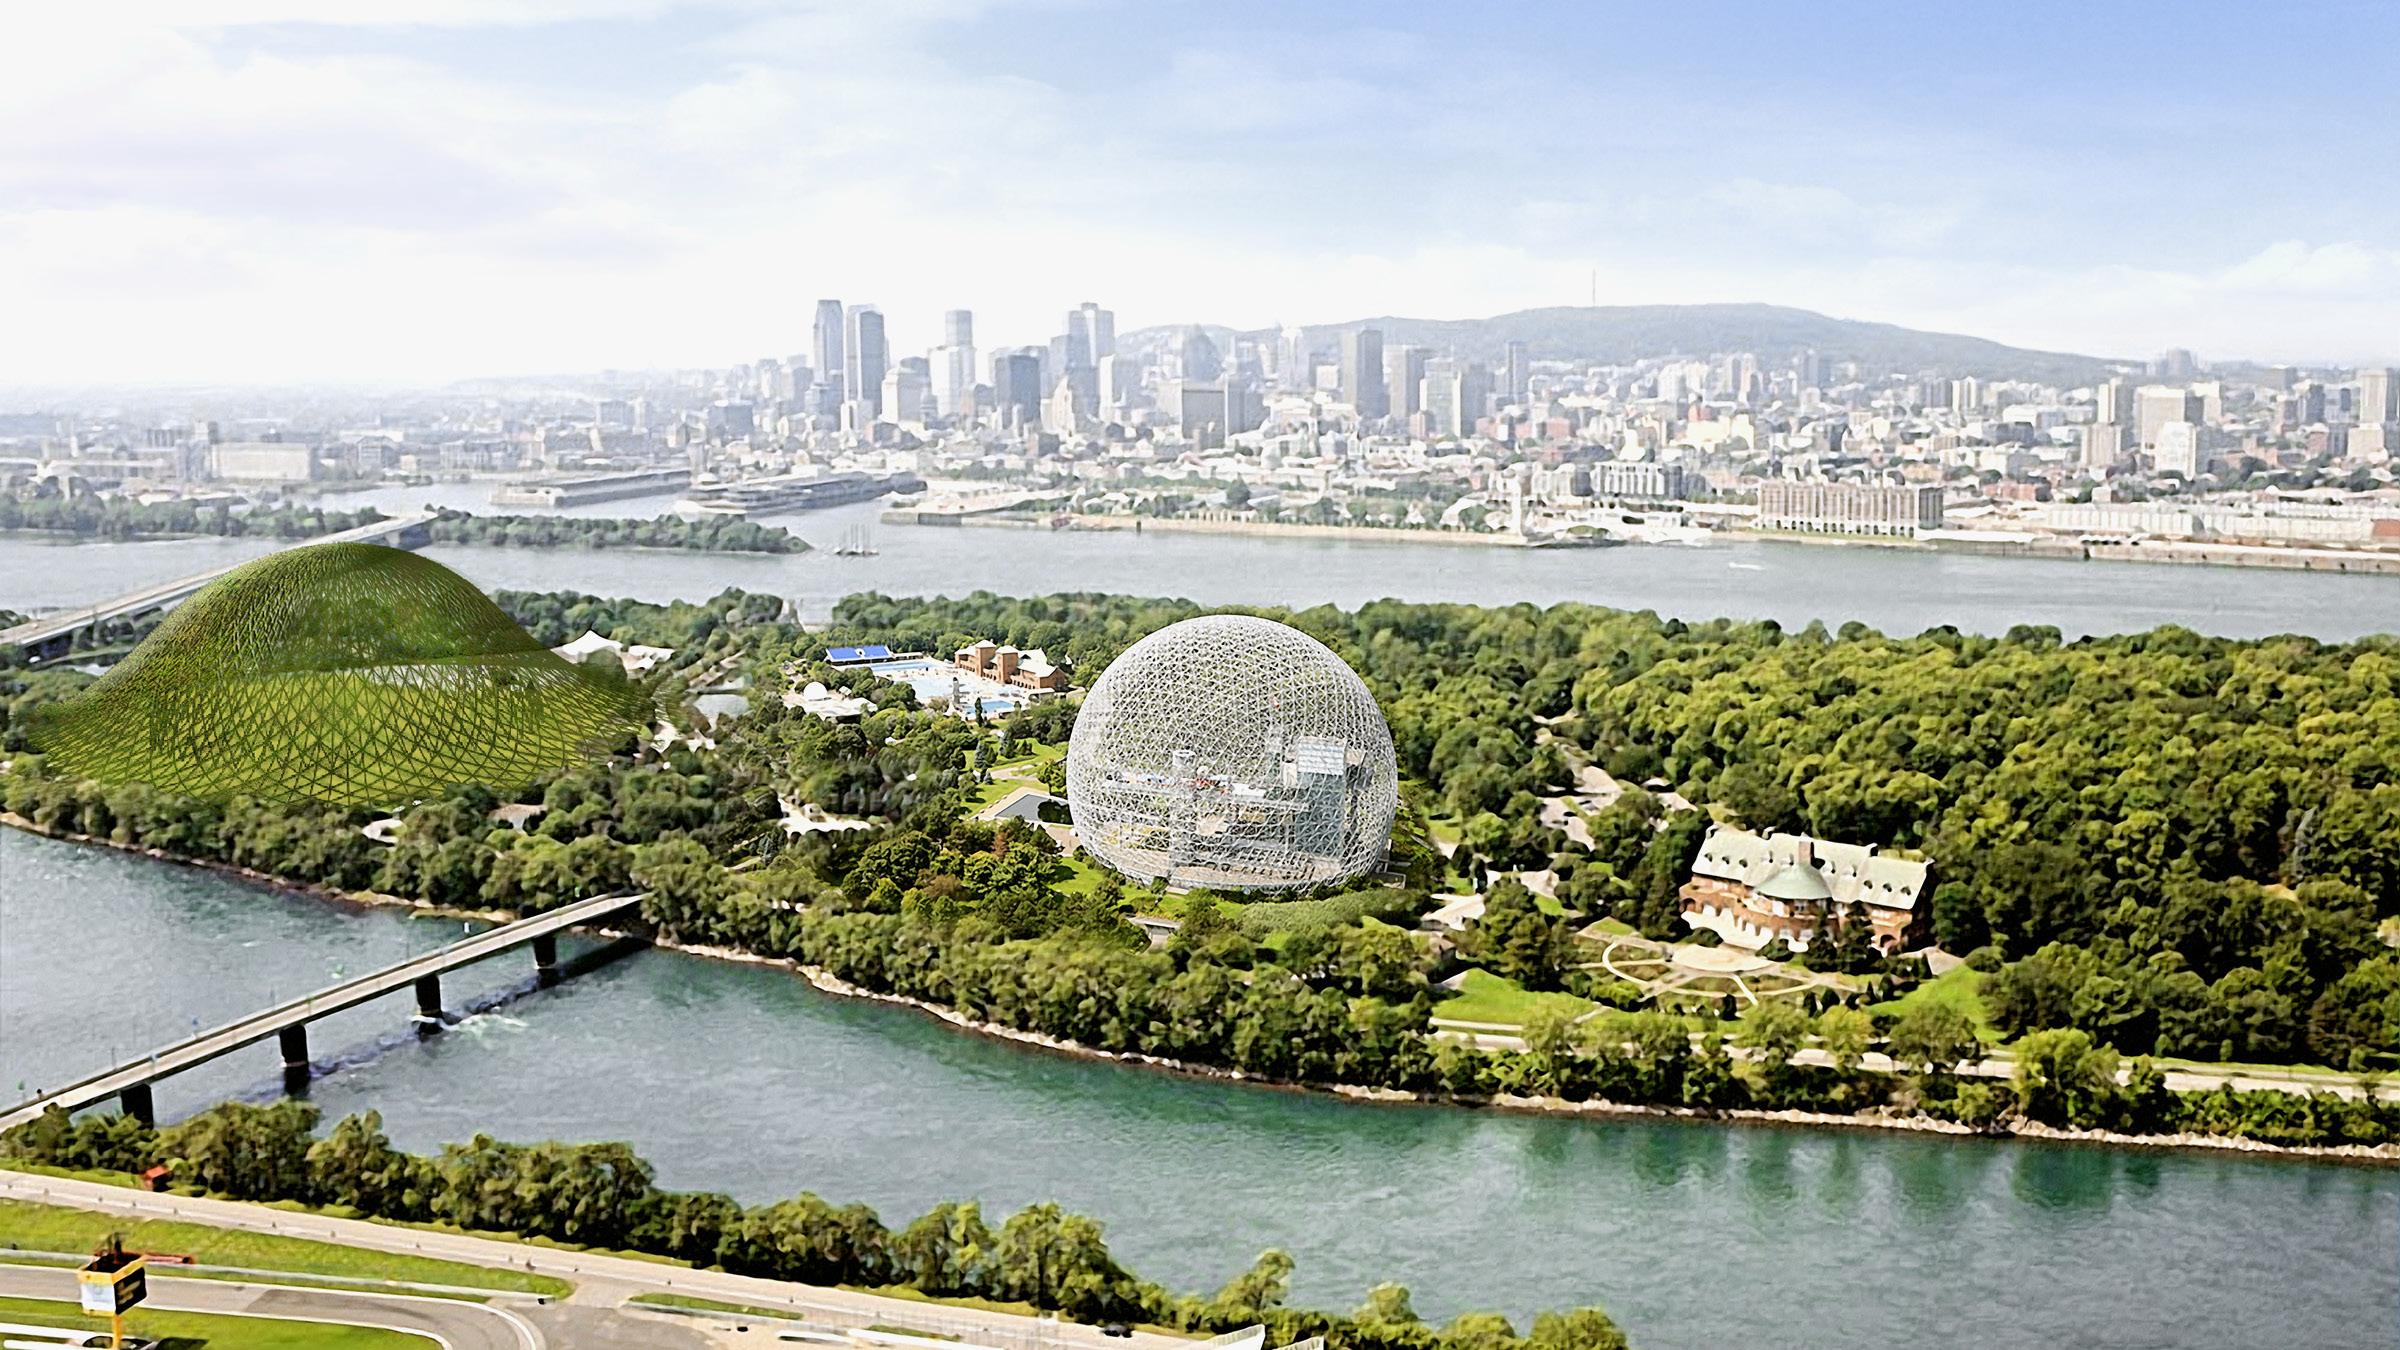 Parc Jean-Drapeau Montreal